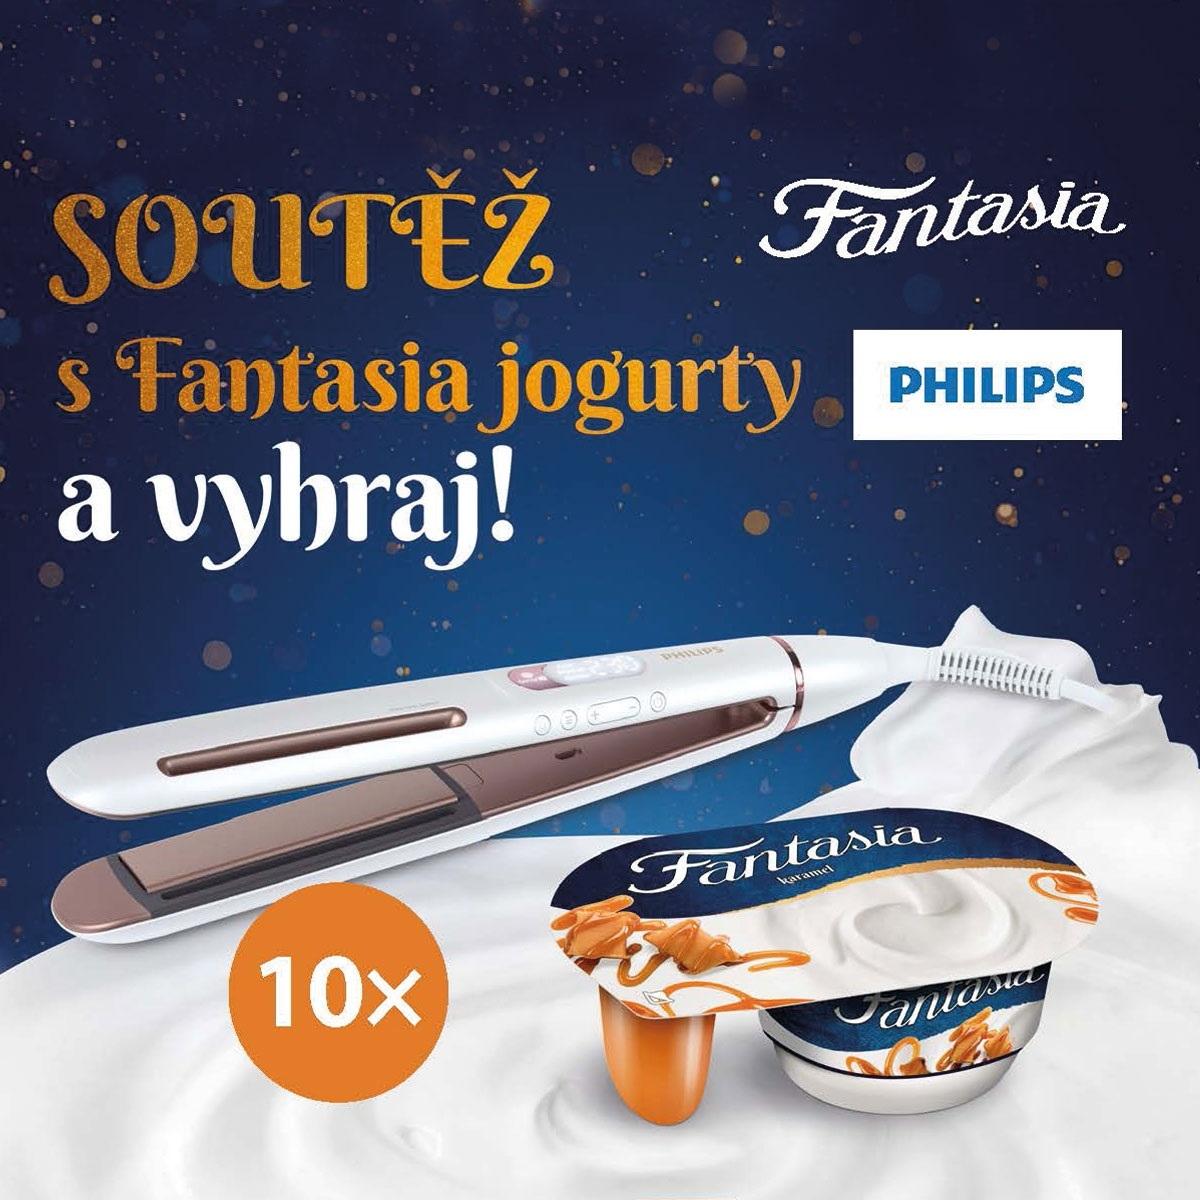 Soutěž s jogurty Fantasia